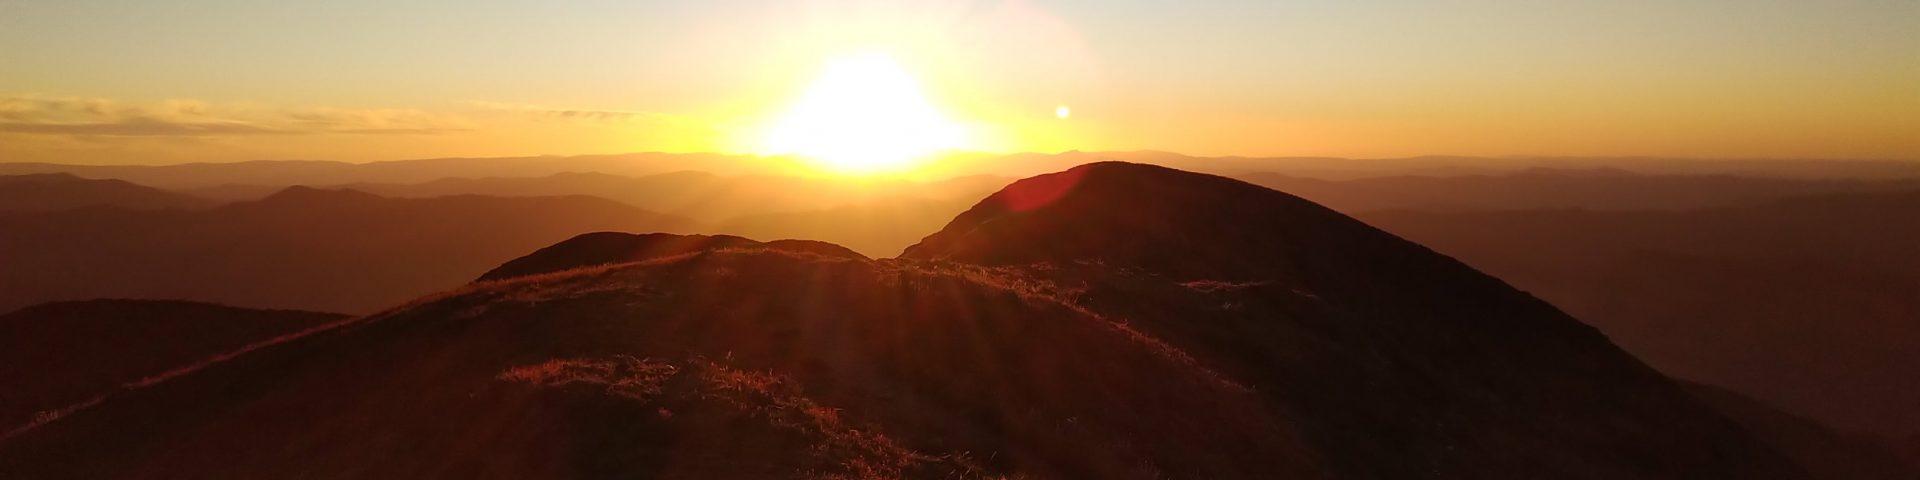 Sunset on Mt Feathertop